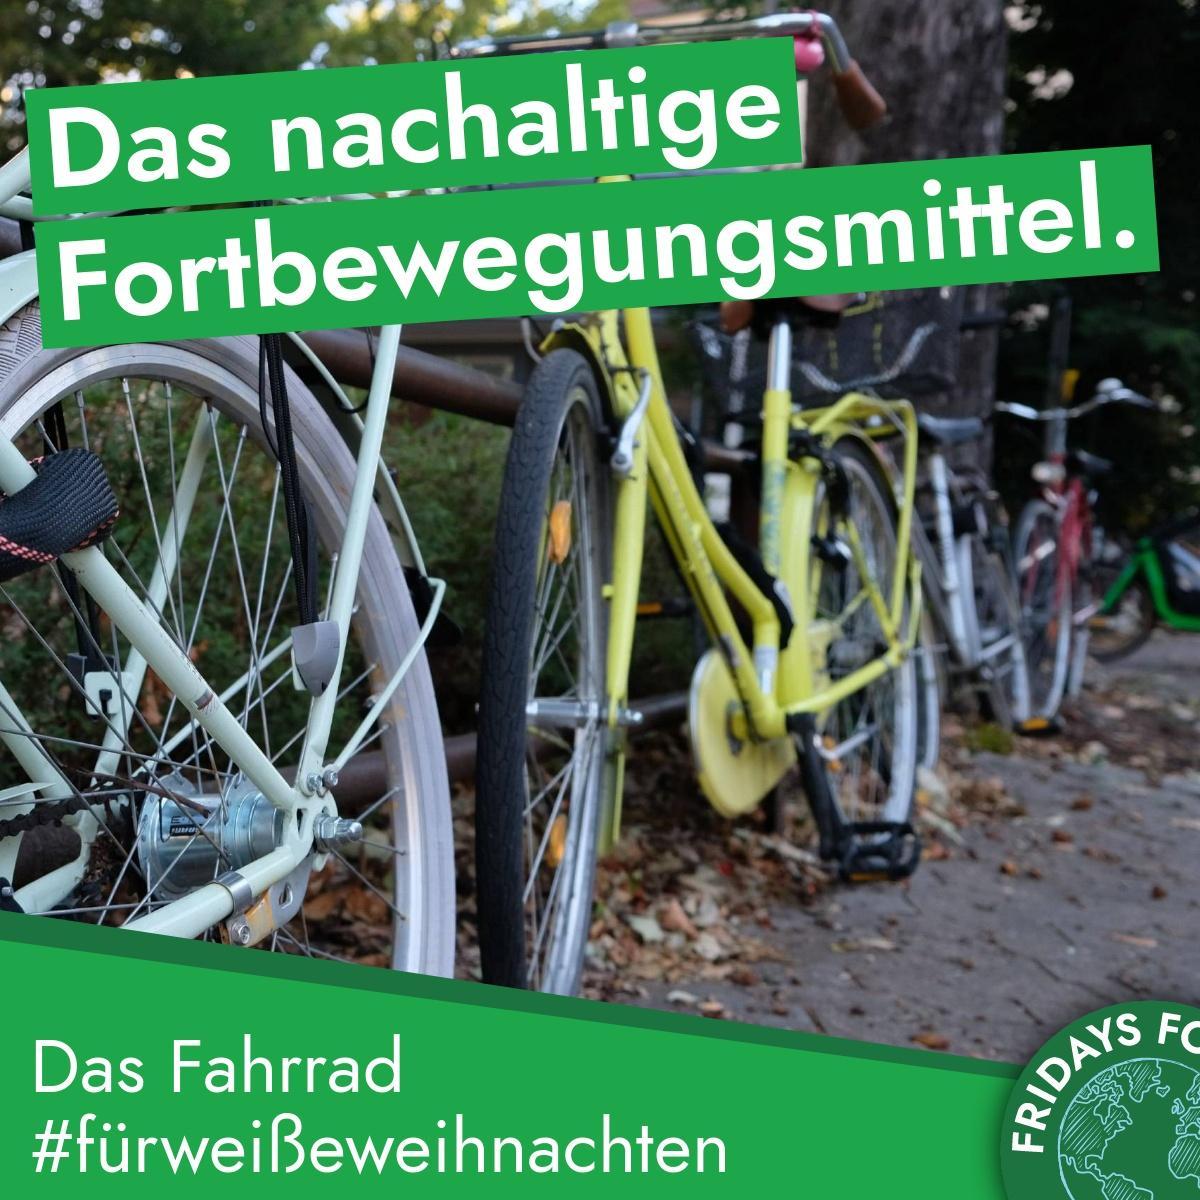 Türchen 10: Das Fahrrad ist die gesündeste und klimafreundlichste Alternative zum Auto